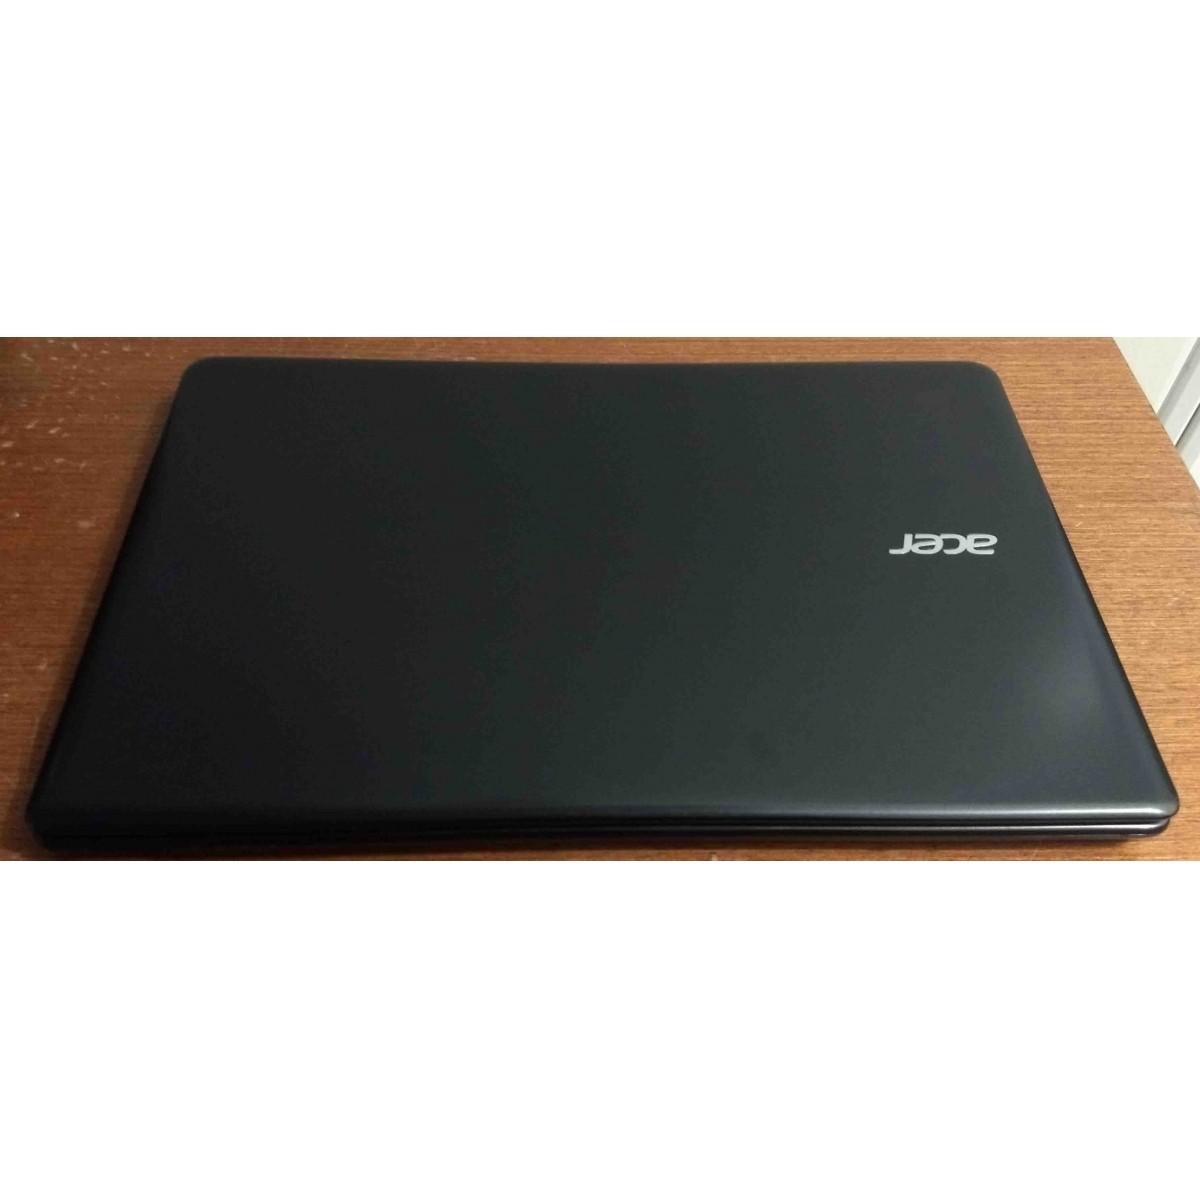 Notebook Acer E1-572-6_BR471 Core i3 1.7GHz 4GB HD-500GB + Alphanumérico